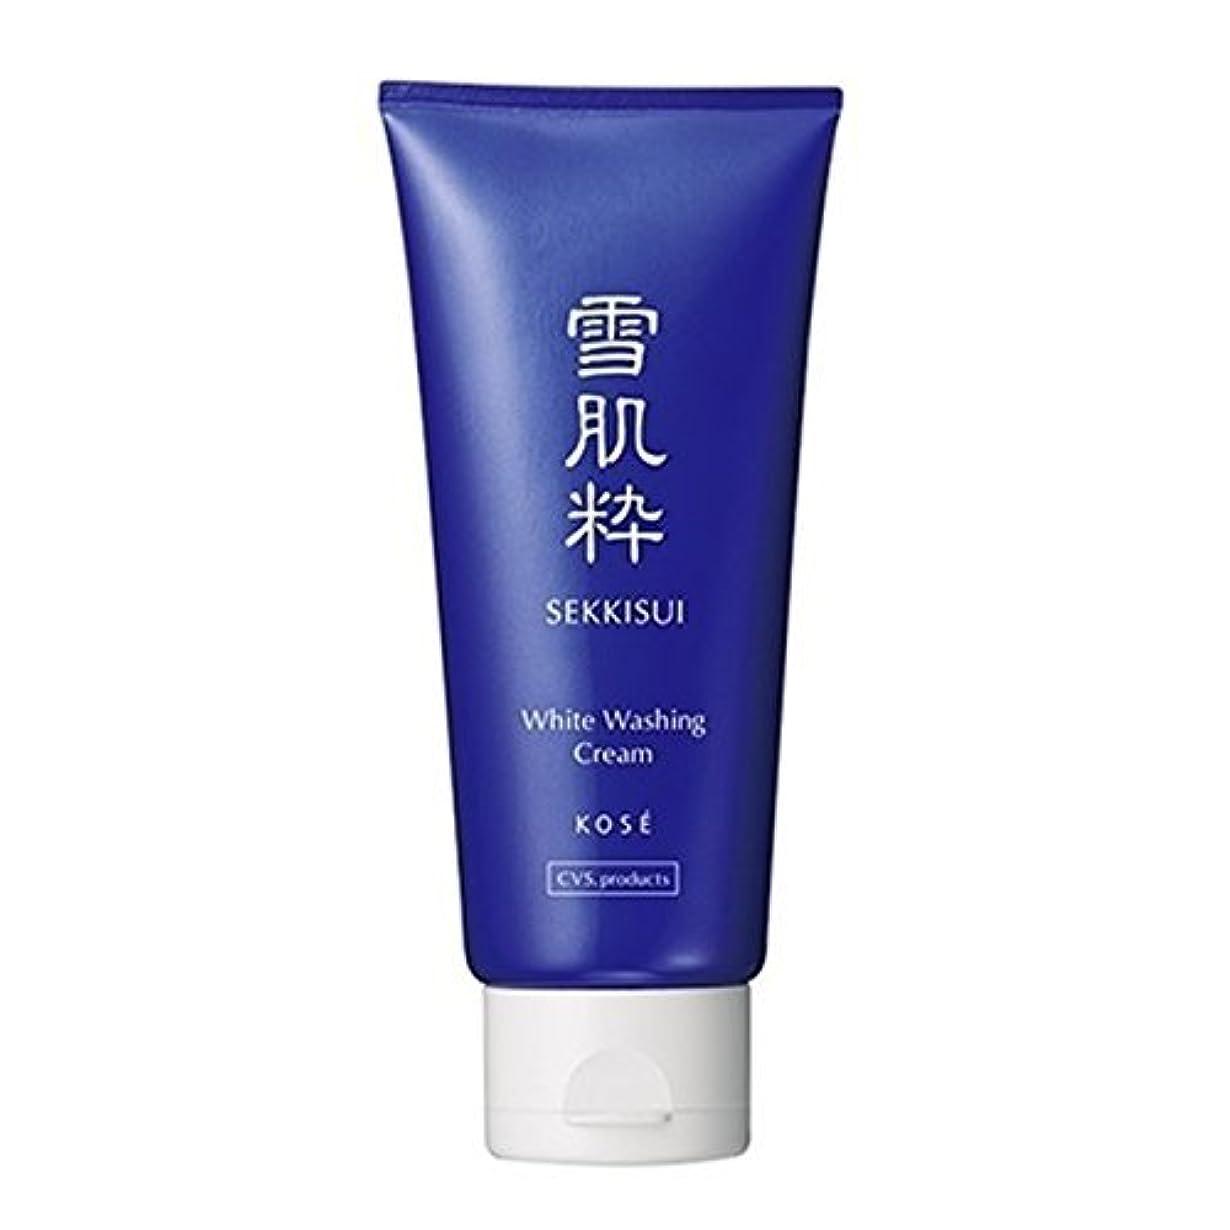 カウントアップスカープ宿命コーセー 雪肌粋 ホワイト洗顔クリーム Kose Sekkisui White Washing Cream 80g×3本